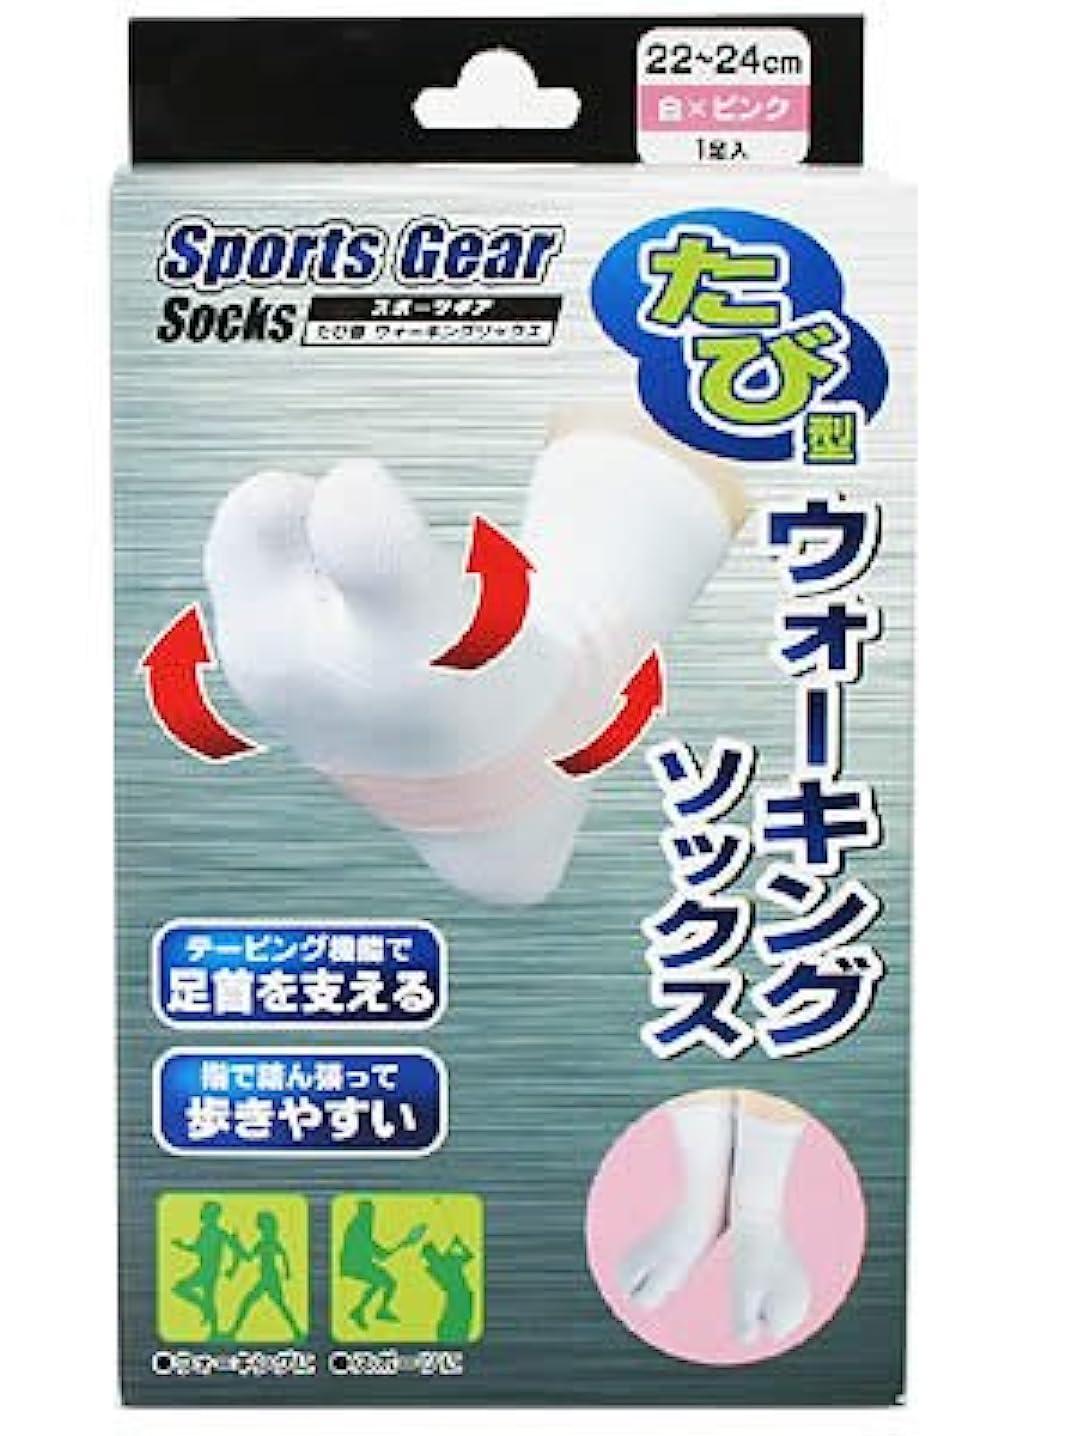 抵抗するノベルティ支払うスポーツギア たび型 ウォーキングソックス 22~24cm 白×ピンク